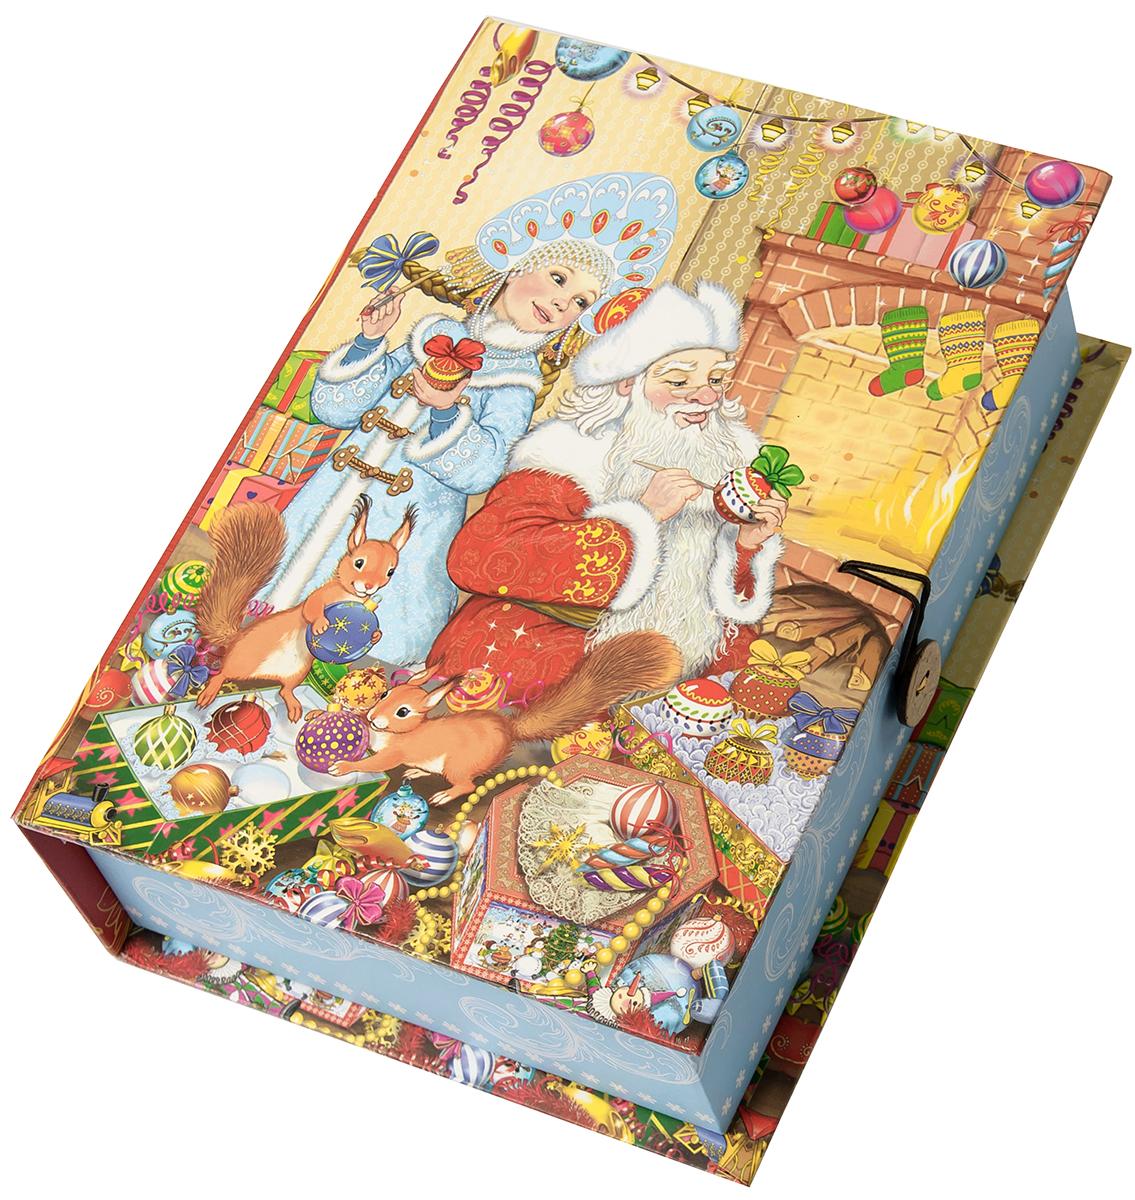 Коробка подарочная Magic Time Внучка Деда Мороза, размер M. 7504175041Подарочная коробка Внучка Деда Мороза-M из мелованного, ламинированного, негофрированного картона плотностью 1100 г, м2, с полноцветным декоративным рисунком на внутренней и наружной части, 20x14x6, артикул 75041